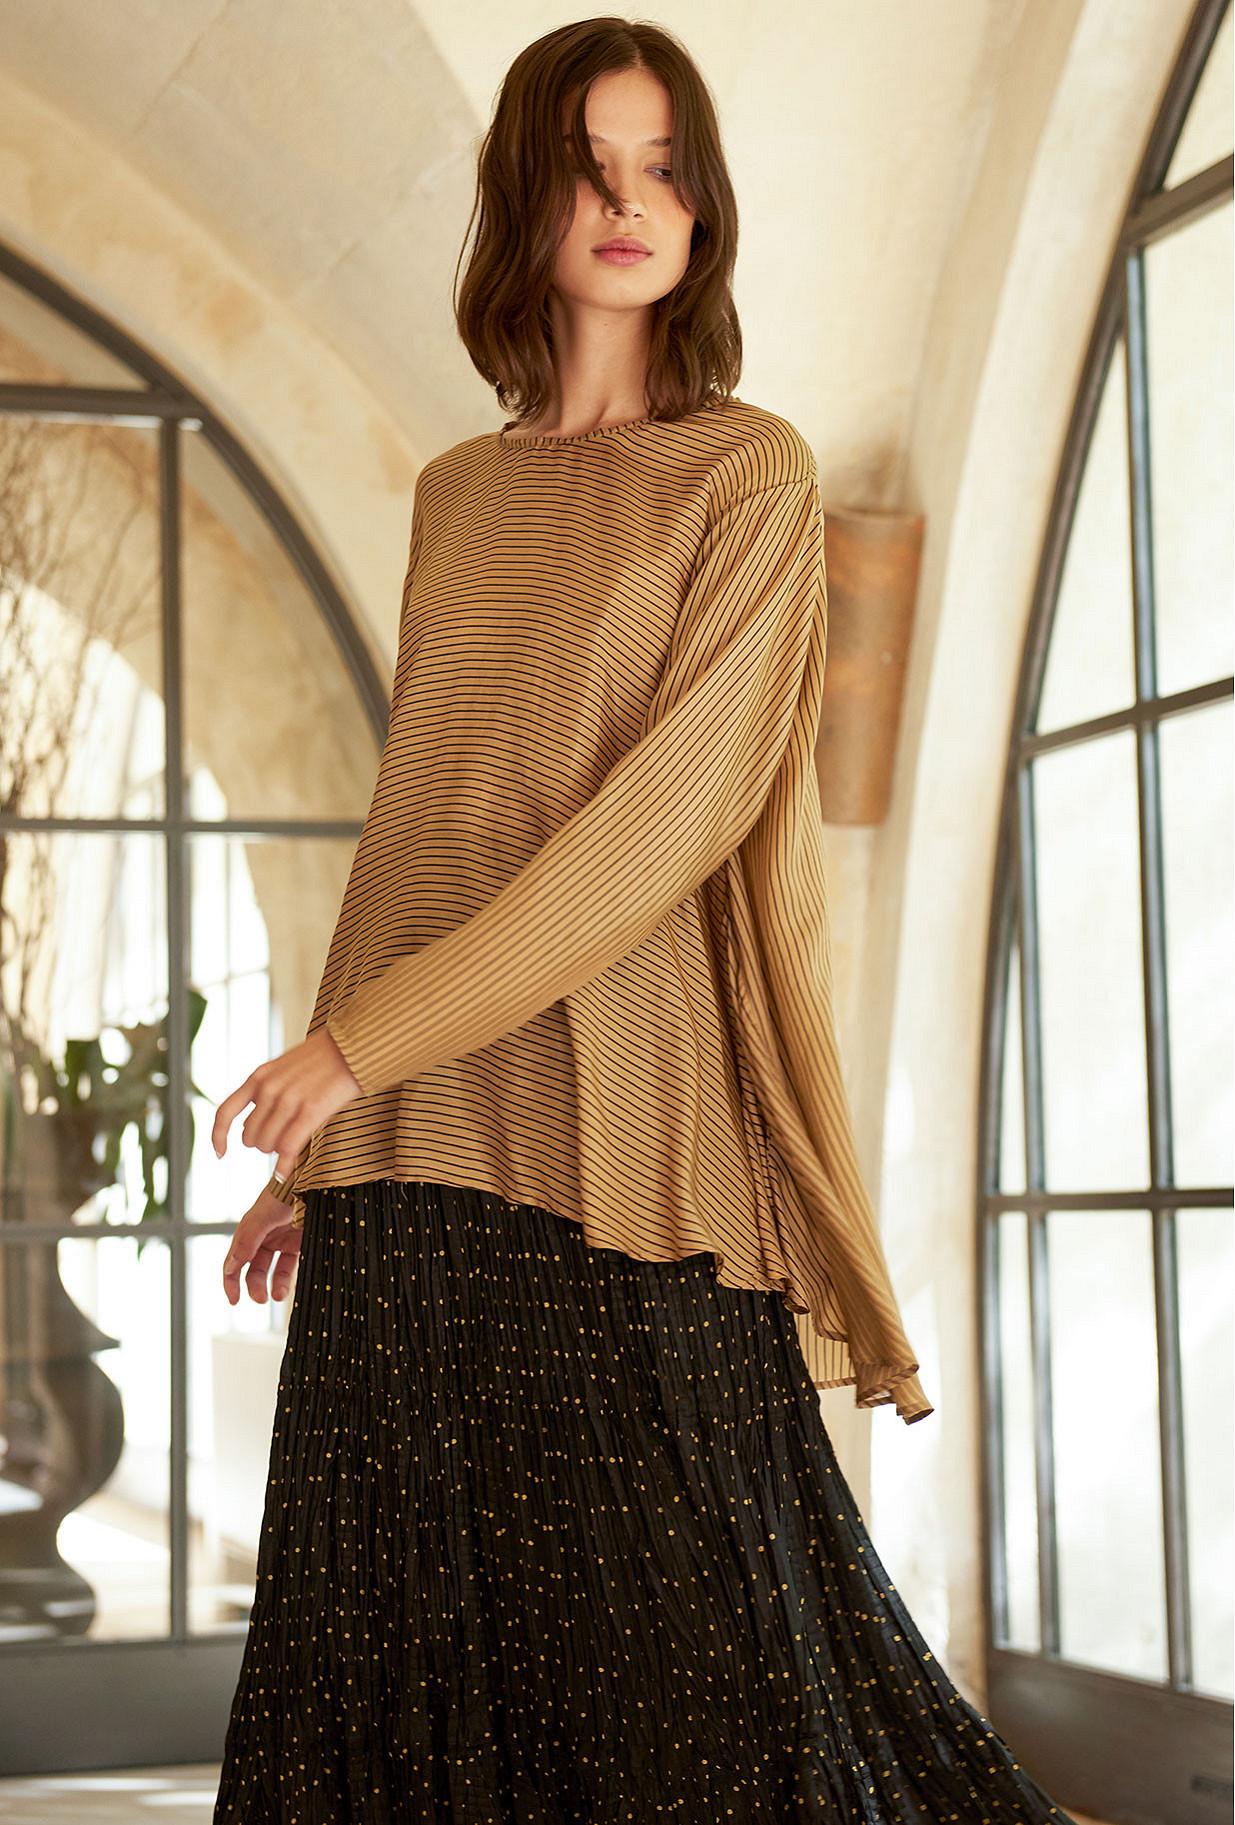 Sand  Blouse  Charmeuse Mes demoiselles fashion clothes designer Paris